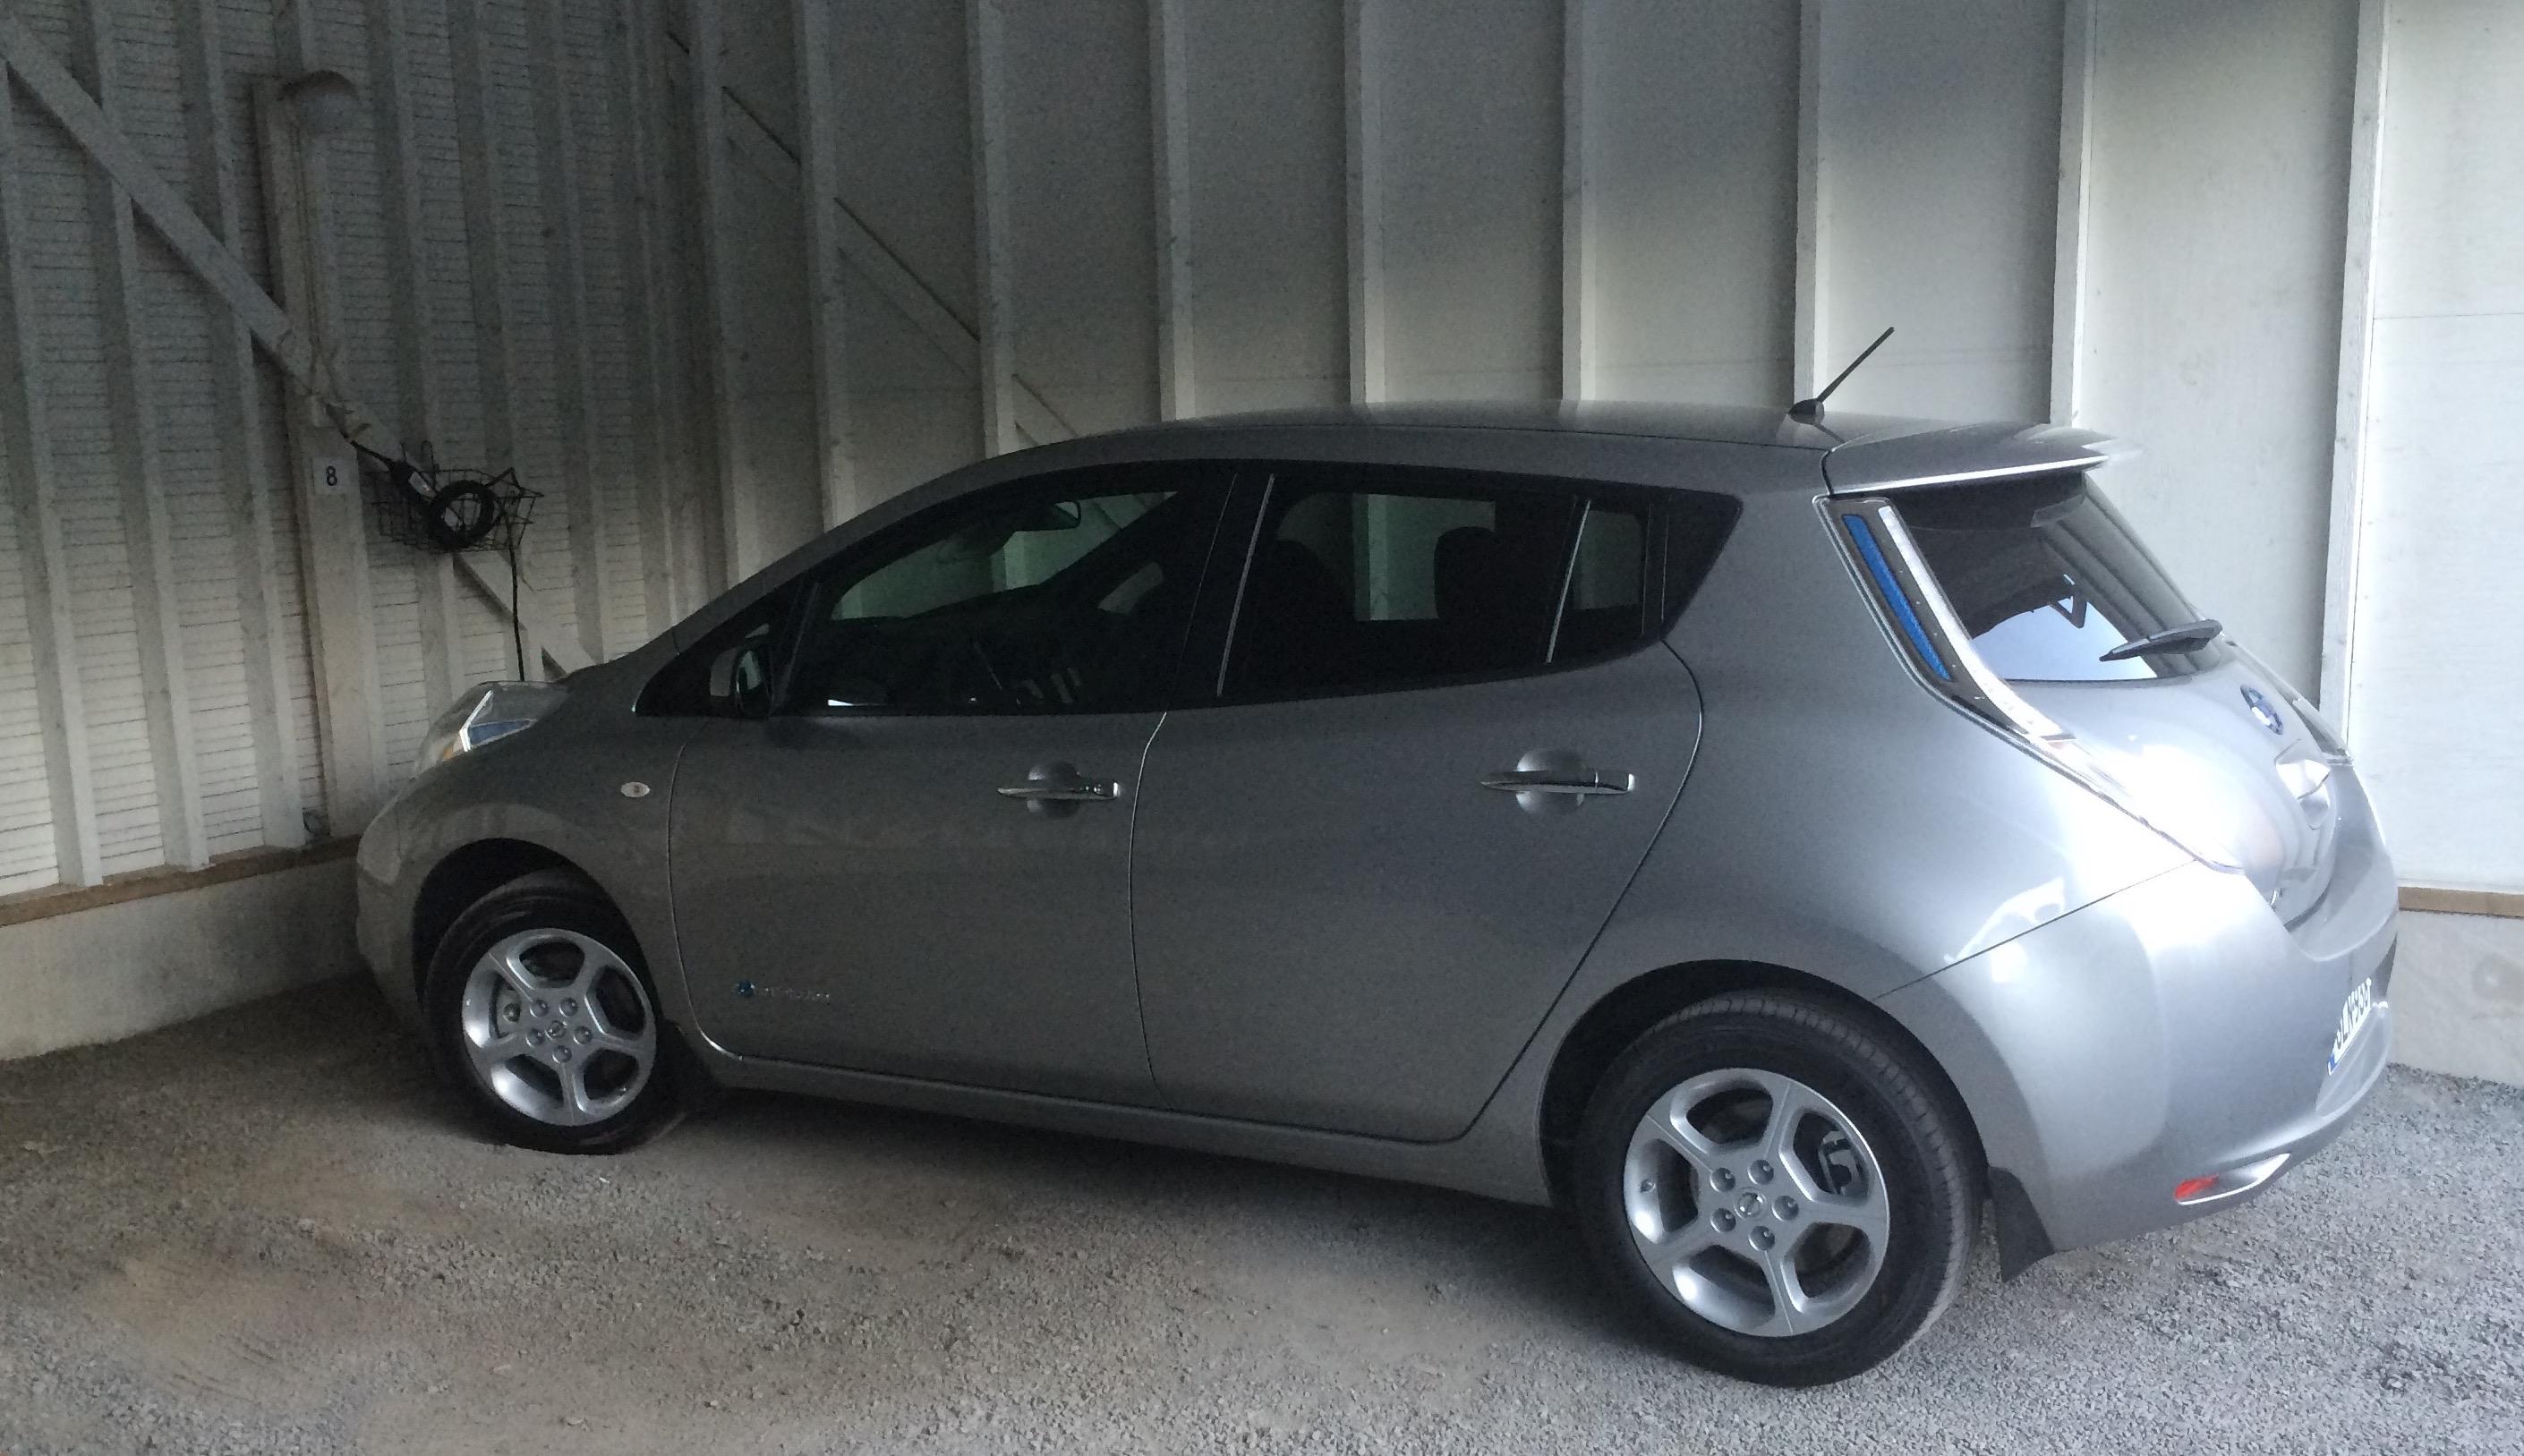 Siinä se nyt on. Nissan Leaf. Ja 4 vuoden autolaina. Paree olla sitten hyvä auto! :)